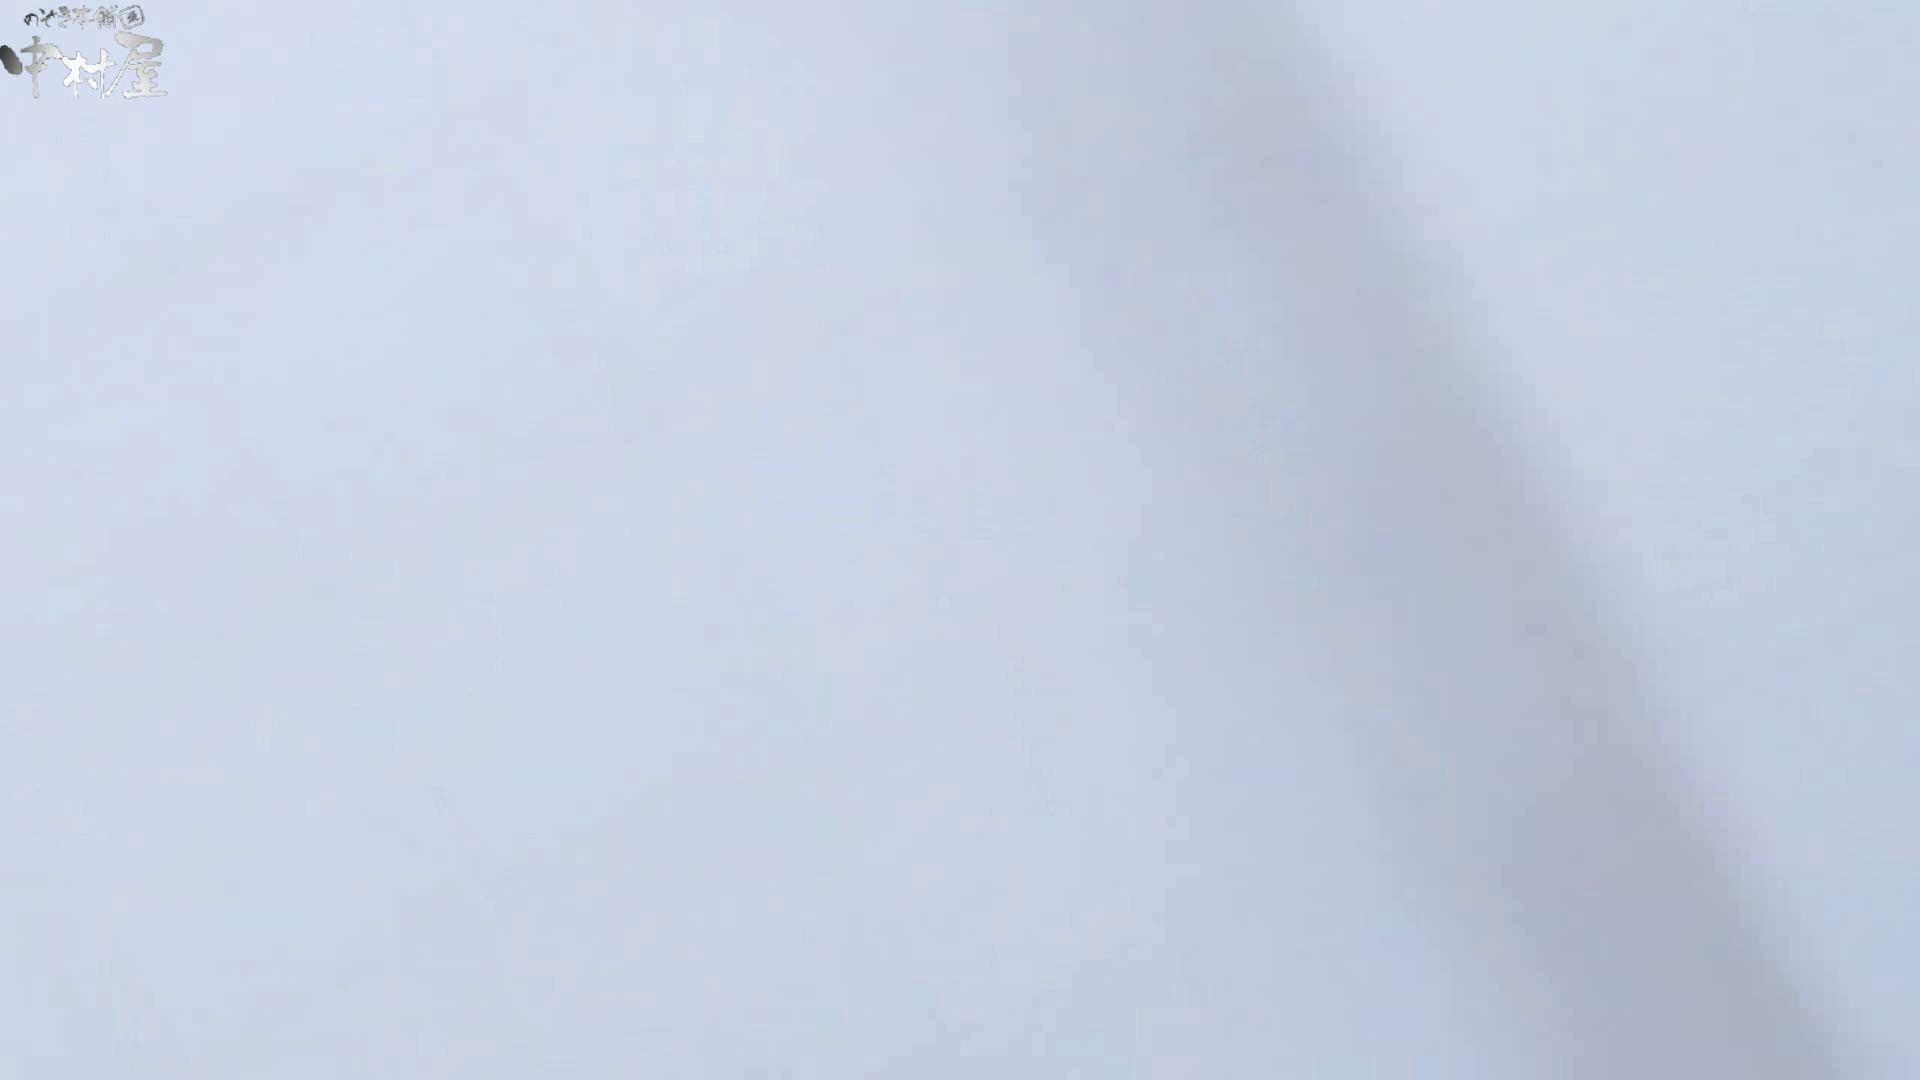 魂のかわや盗撮62連発! オシャレなブーツのお姉さん! 30発目! 黄金水 | お姉さんのエロ動画  89PIX 10